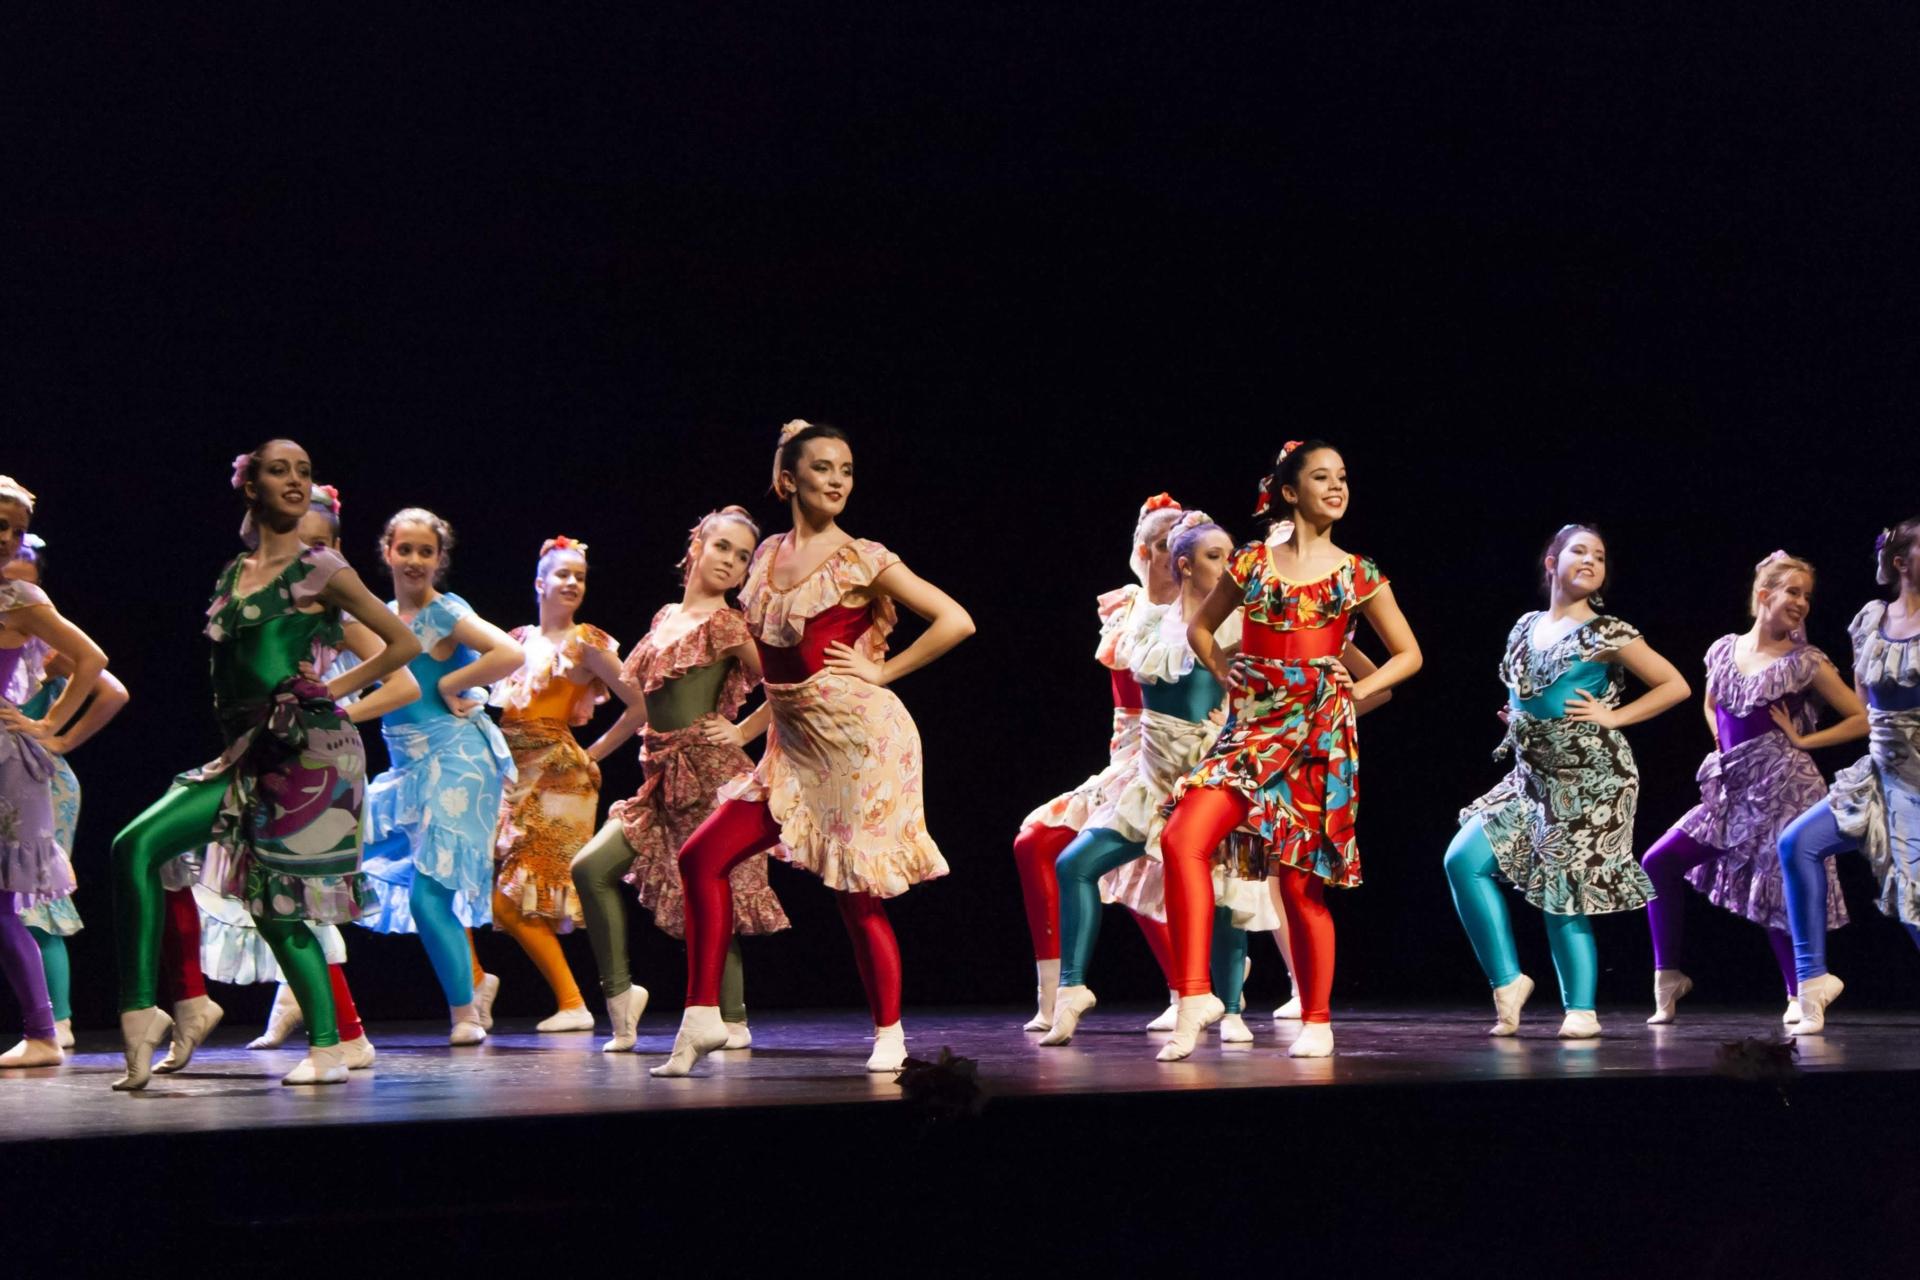 ballet tiempo presente clase folclore de países